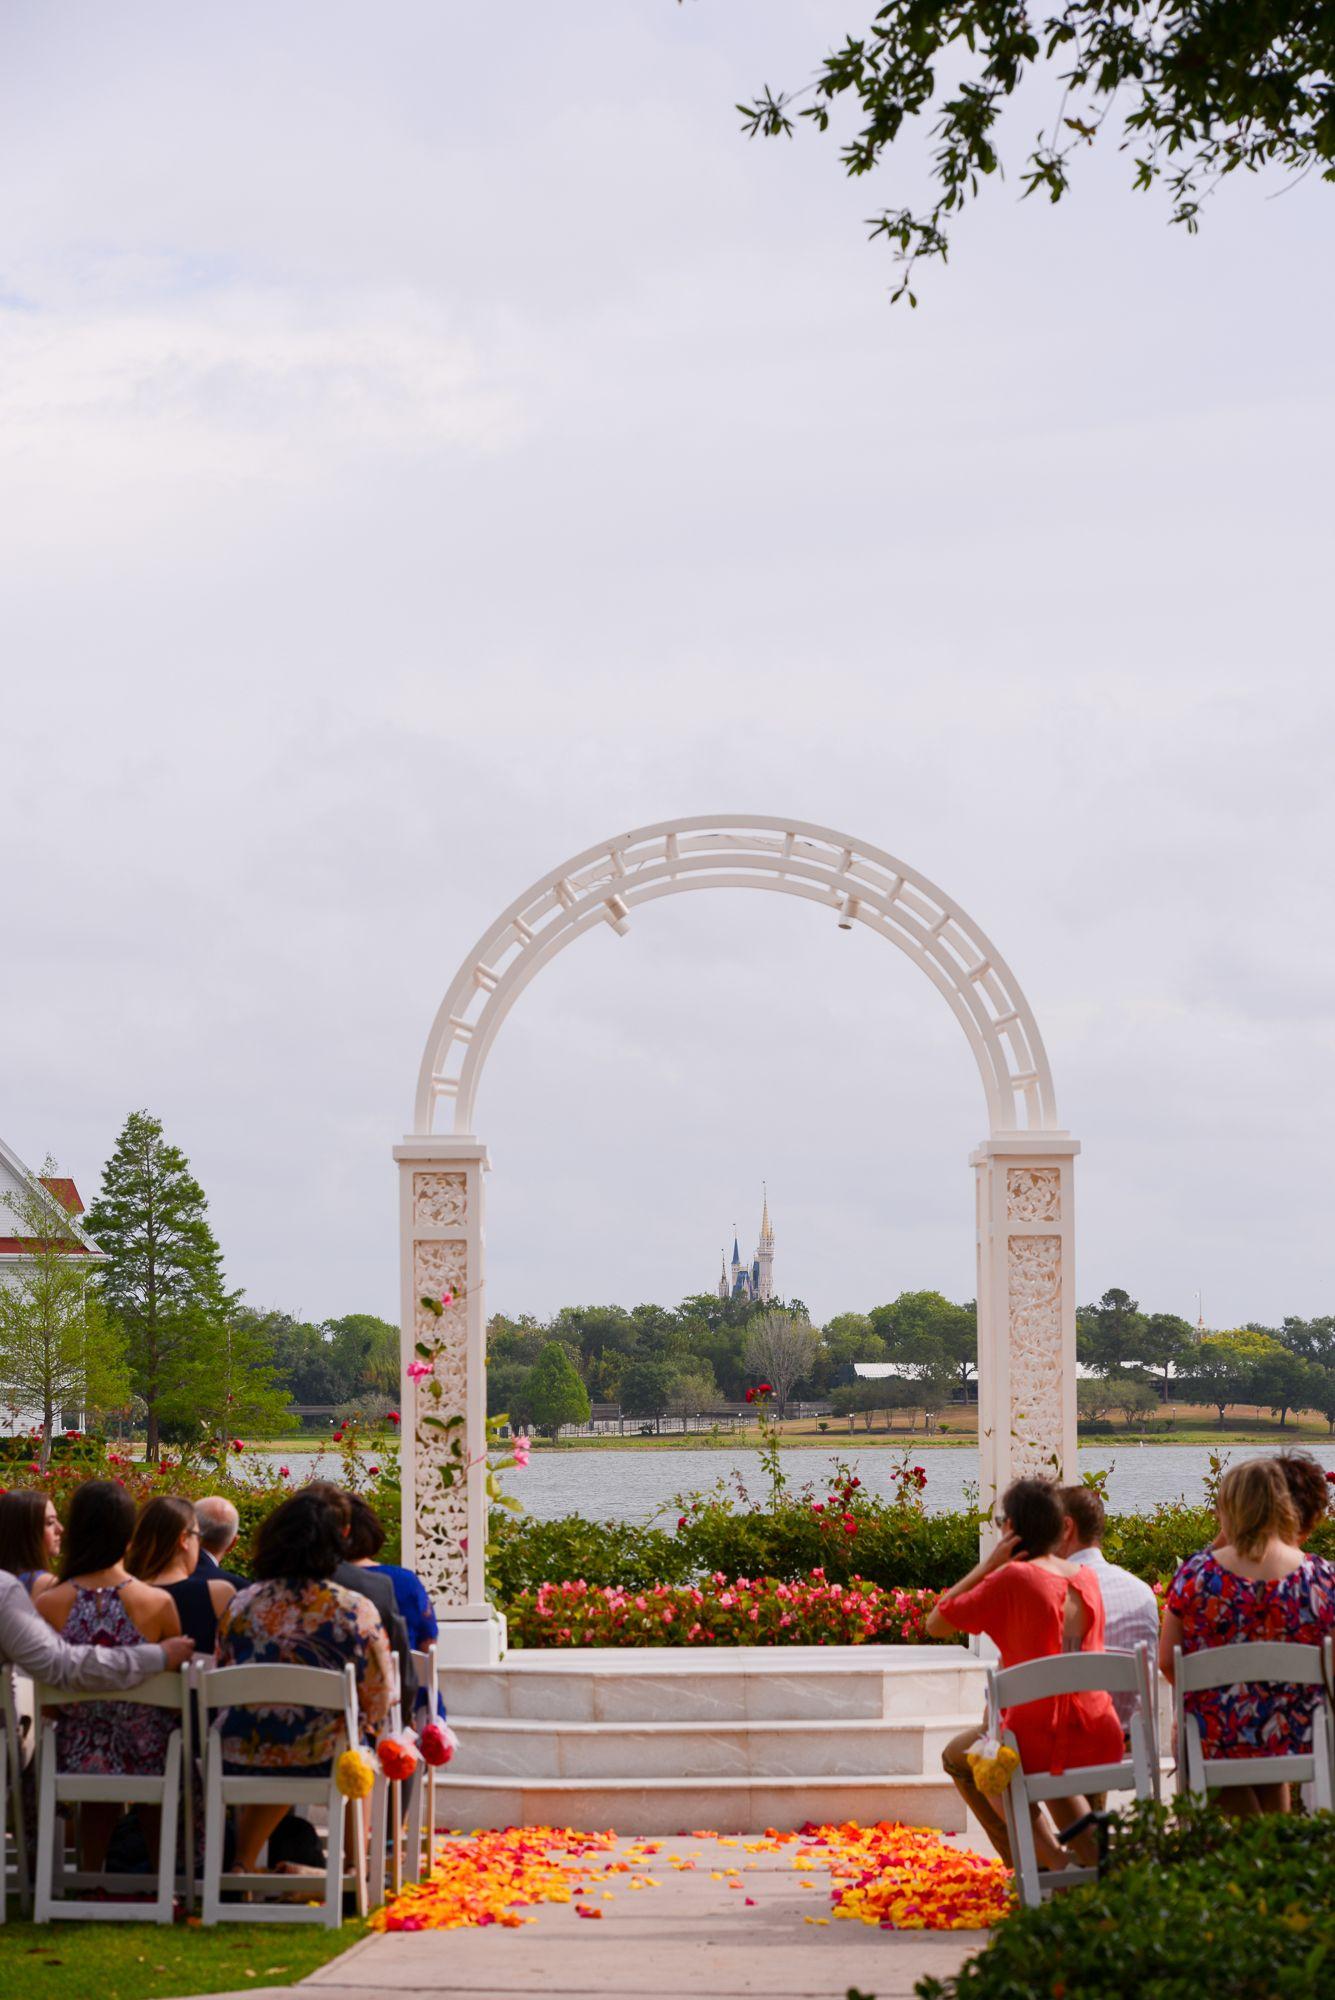 Wedding Point at Walt Disney World | Disney Wedding Venue ...